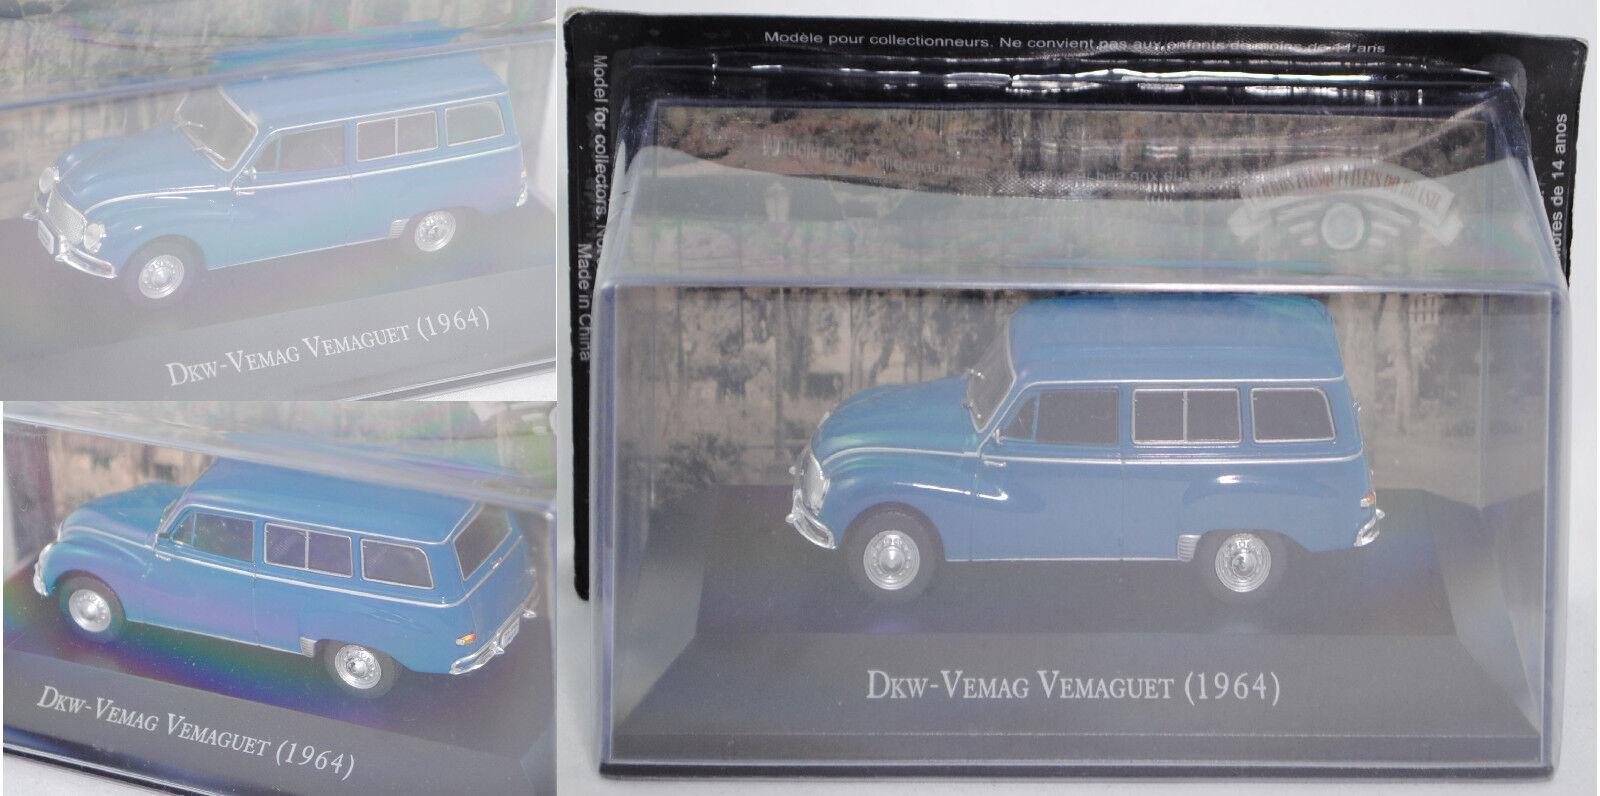 Br38 Carros DKW-Vemag vemaguet 1001  cfr. DKW f94 Universal , Blu, 1:43